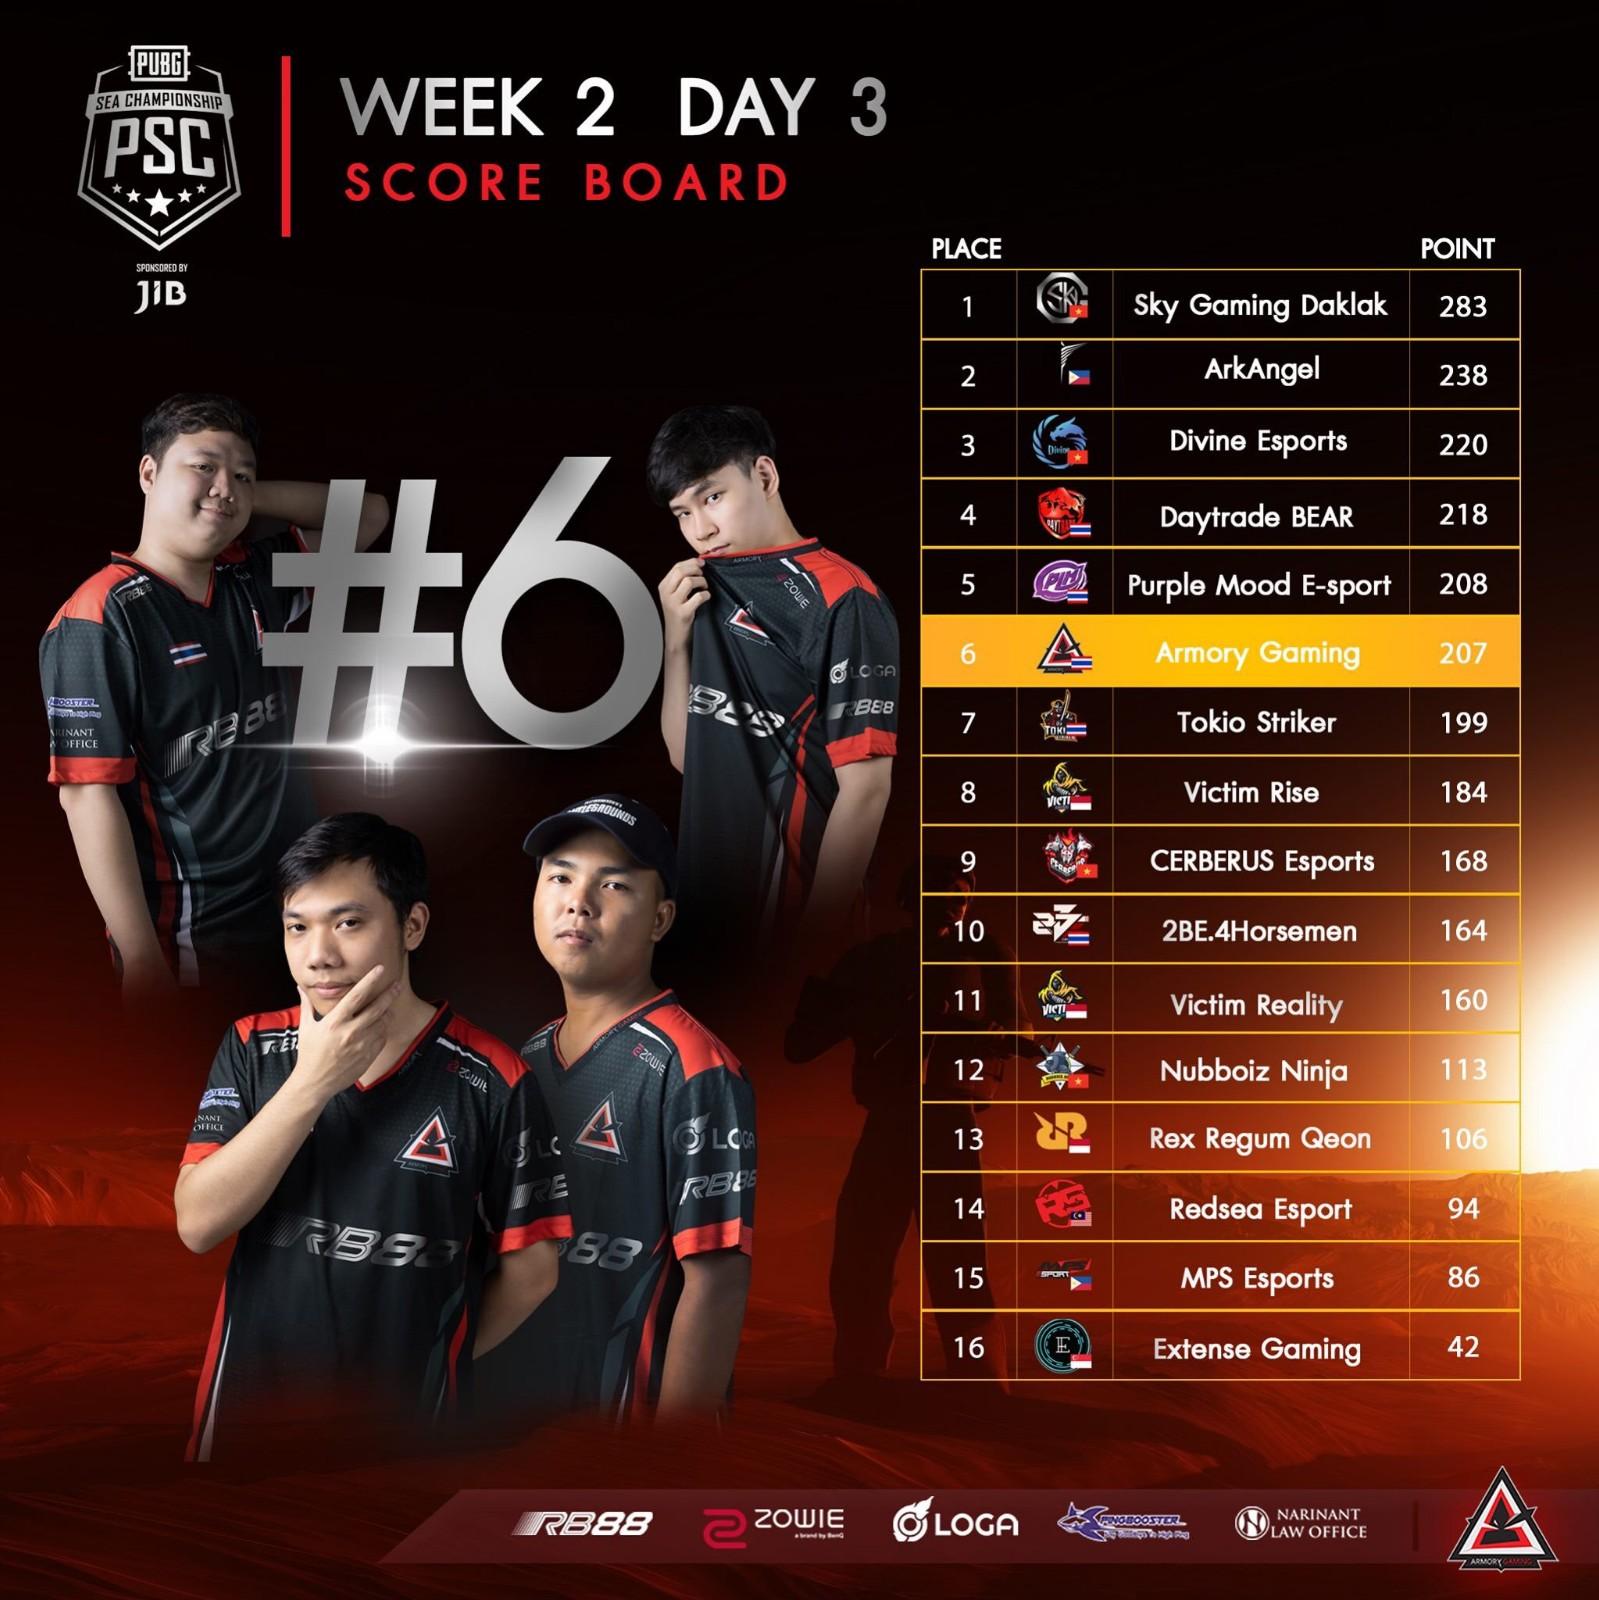 泰国PSC赛程过半:SGD大比分领先、鸭男居战神榜首